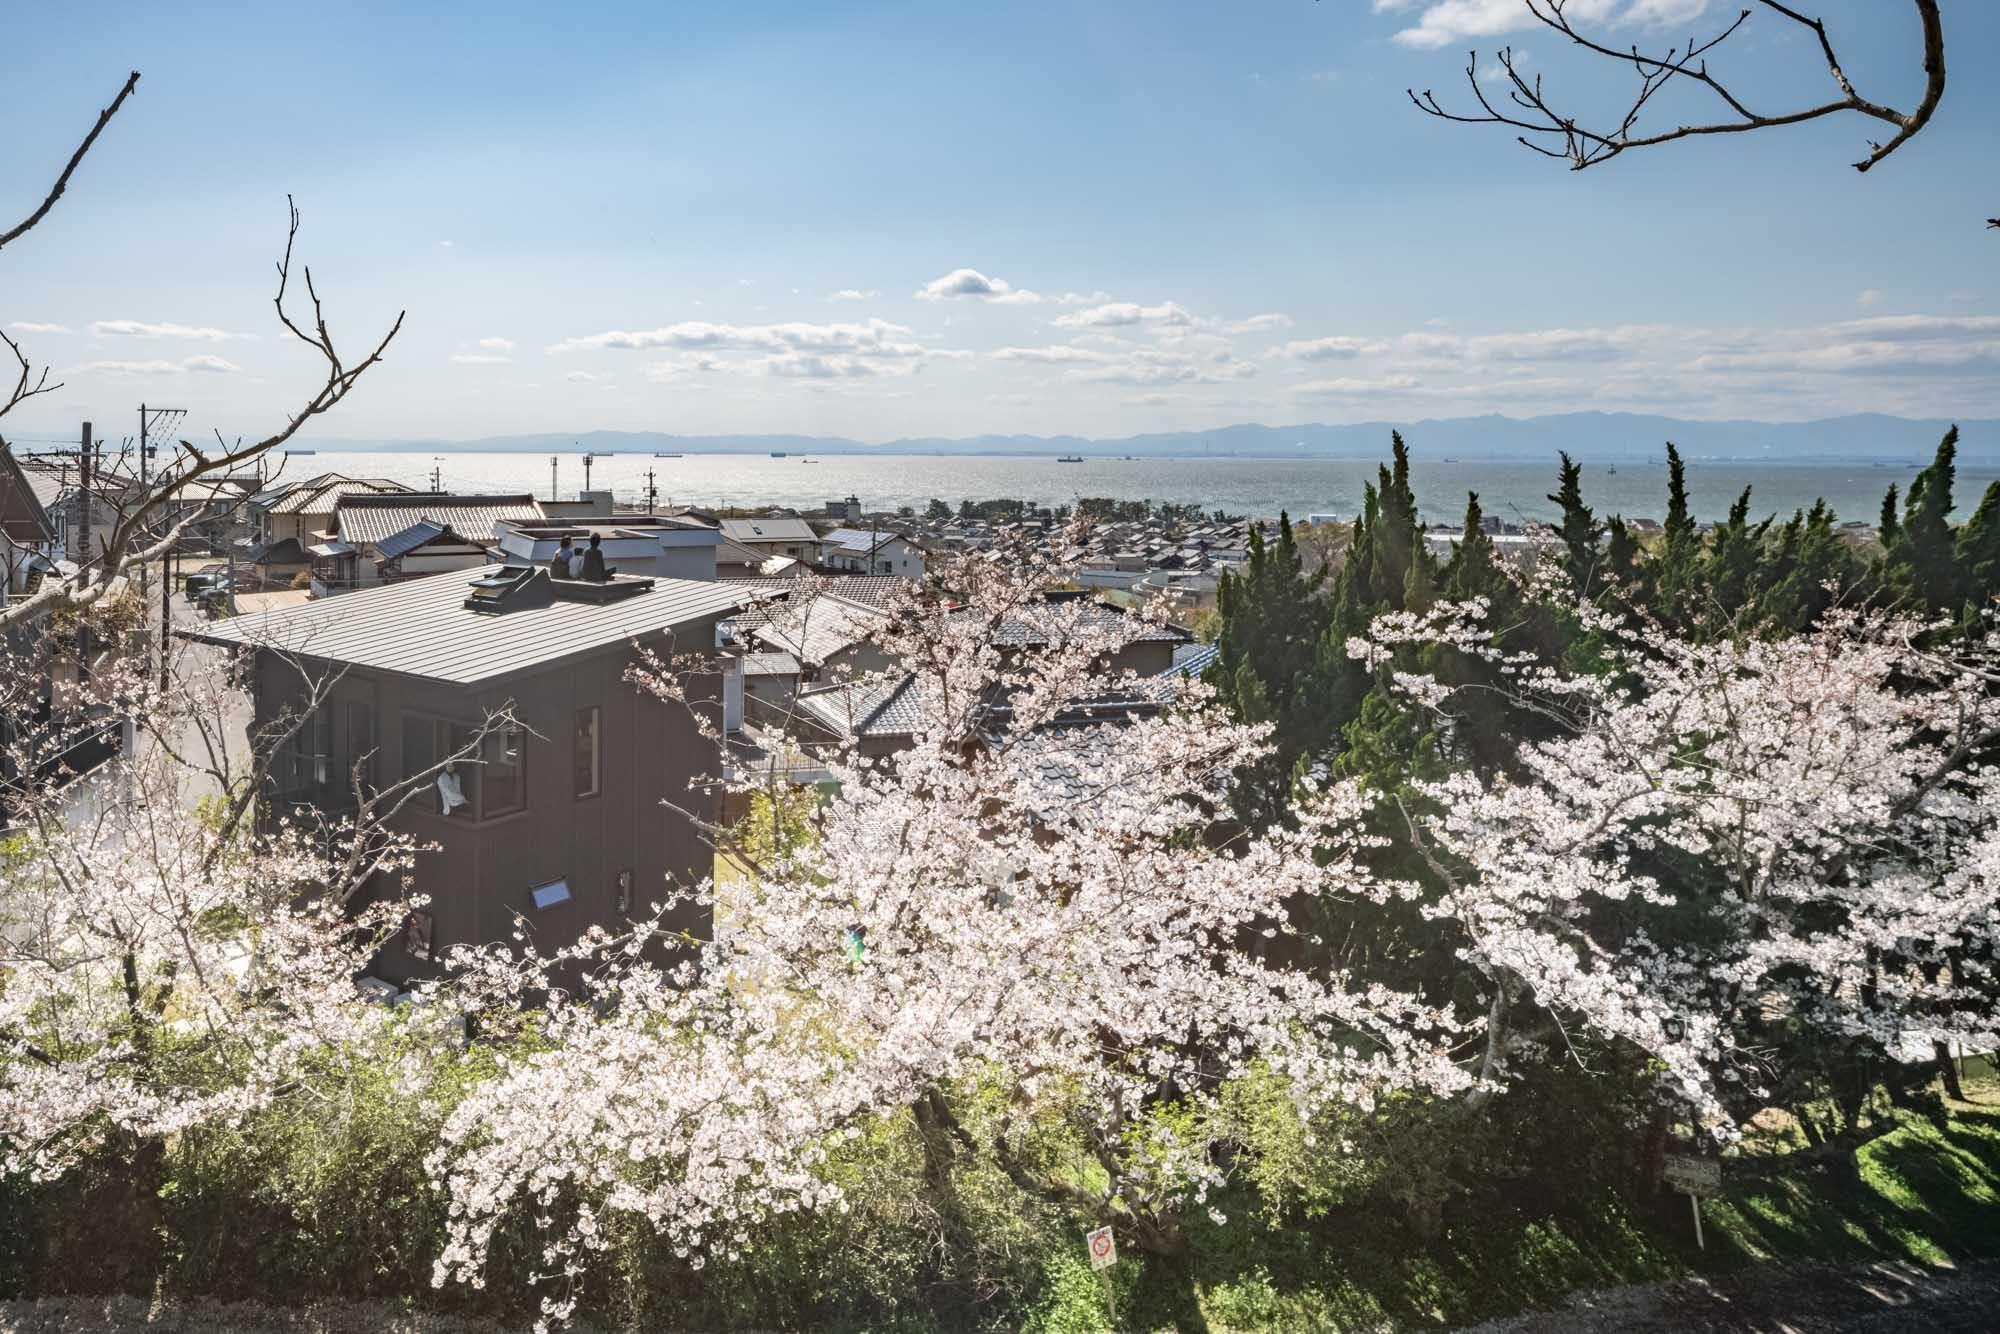 外観事例:城山公園から臨む青海の家と伊勢湾・春には桜が満開(『青海の家』 風景と住む。~伊勢湾を臨む~)